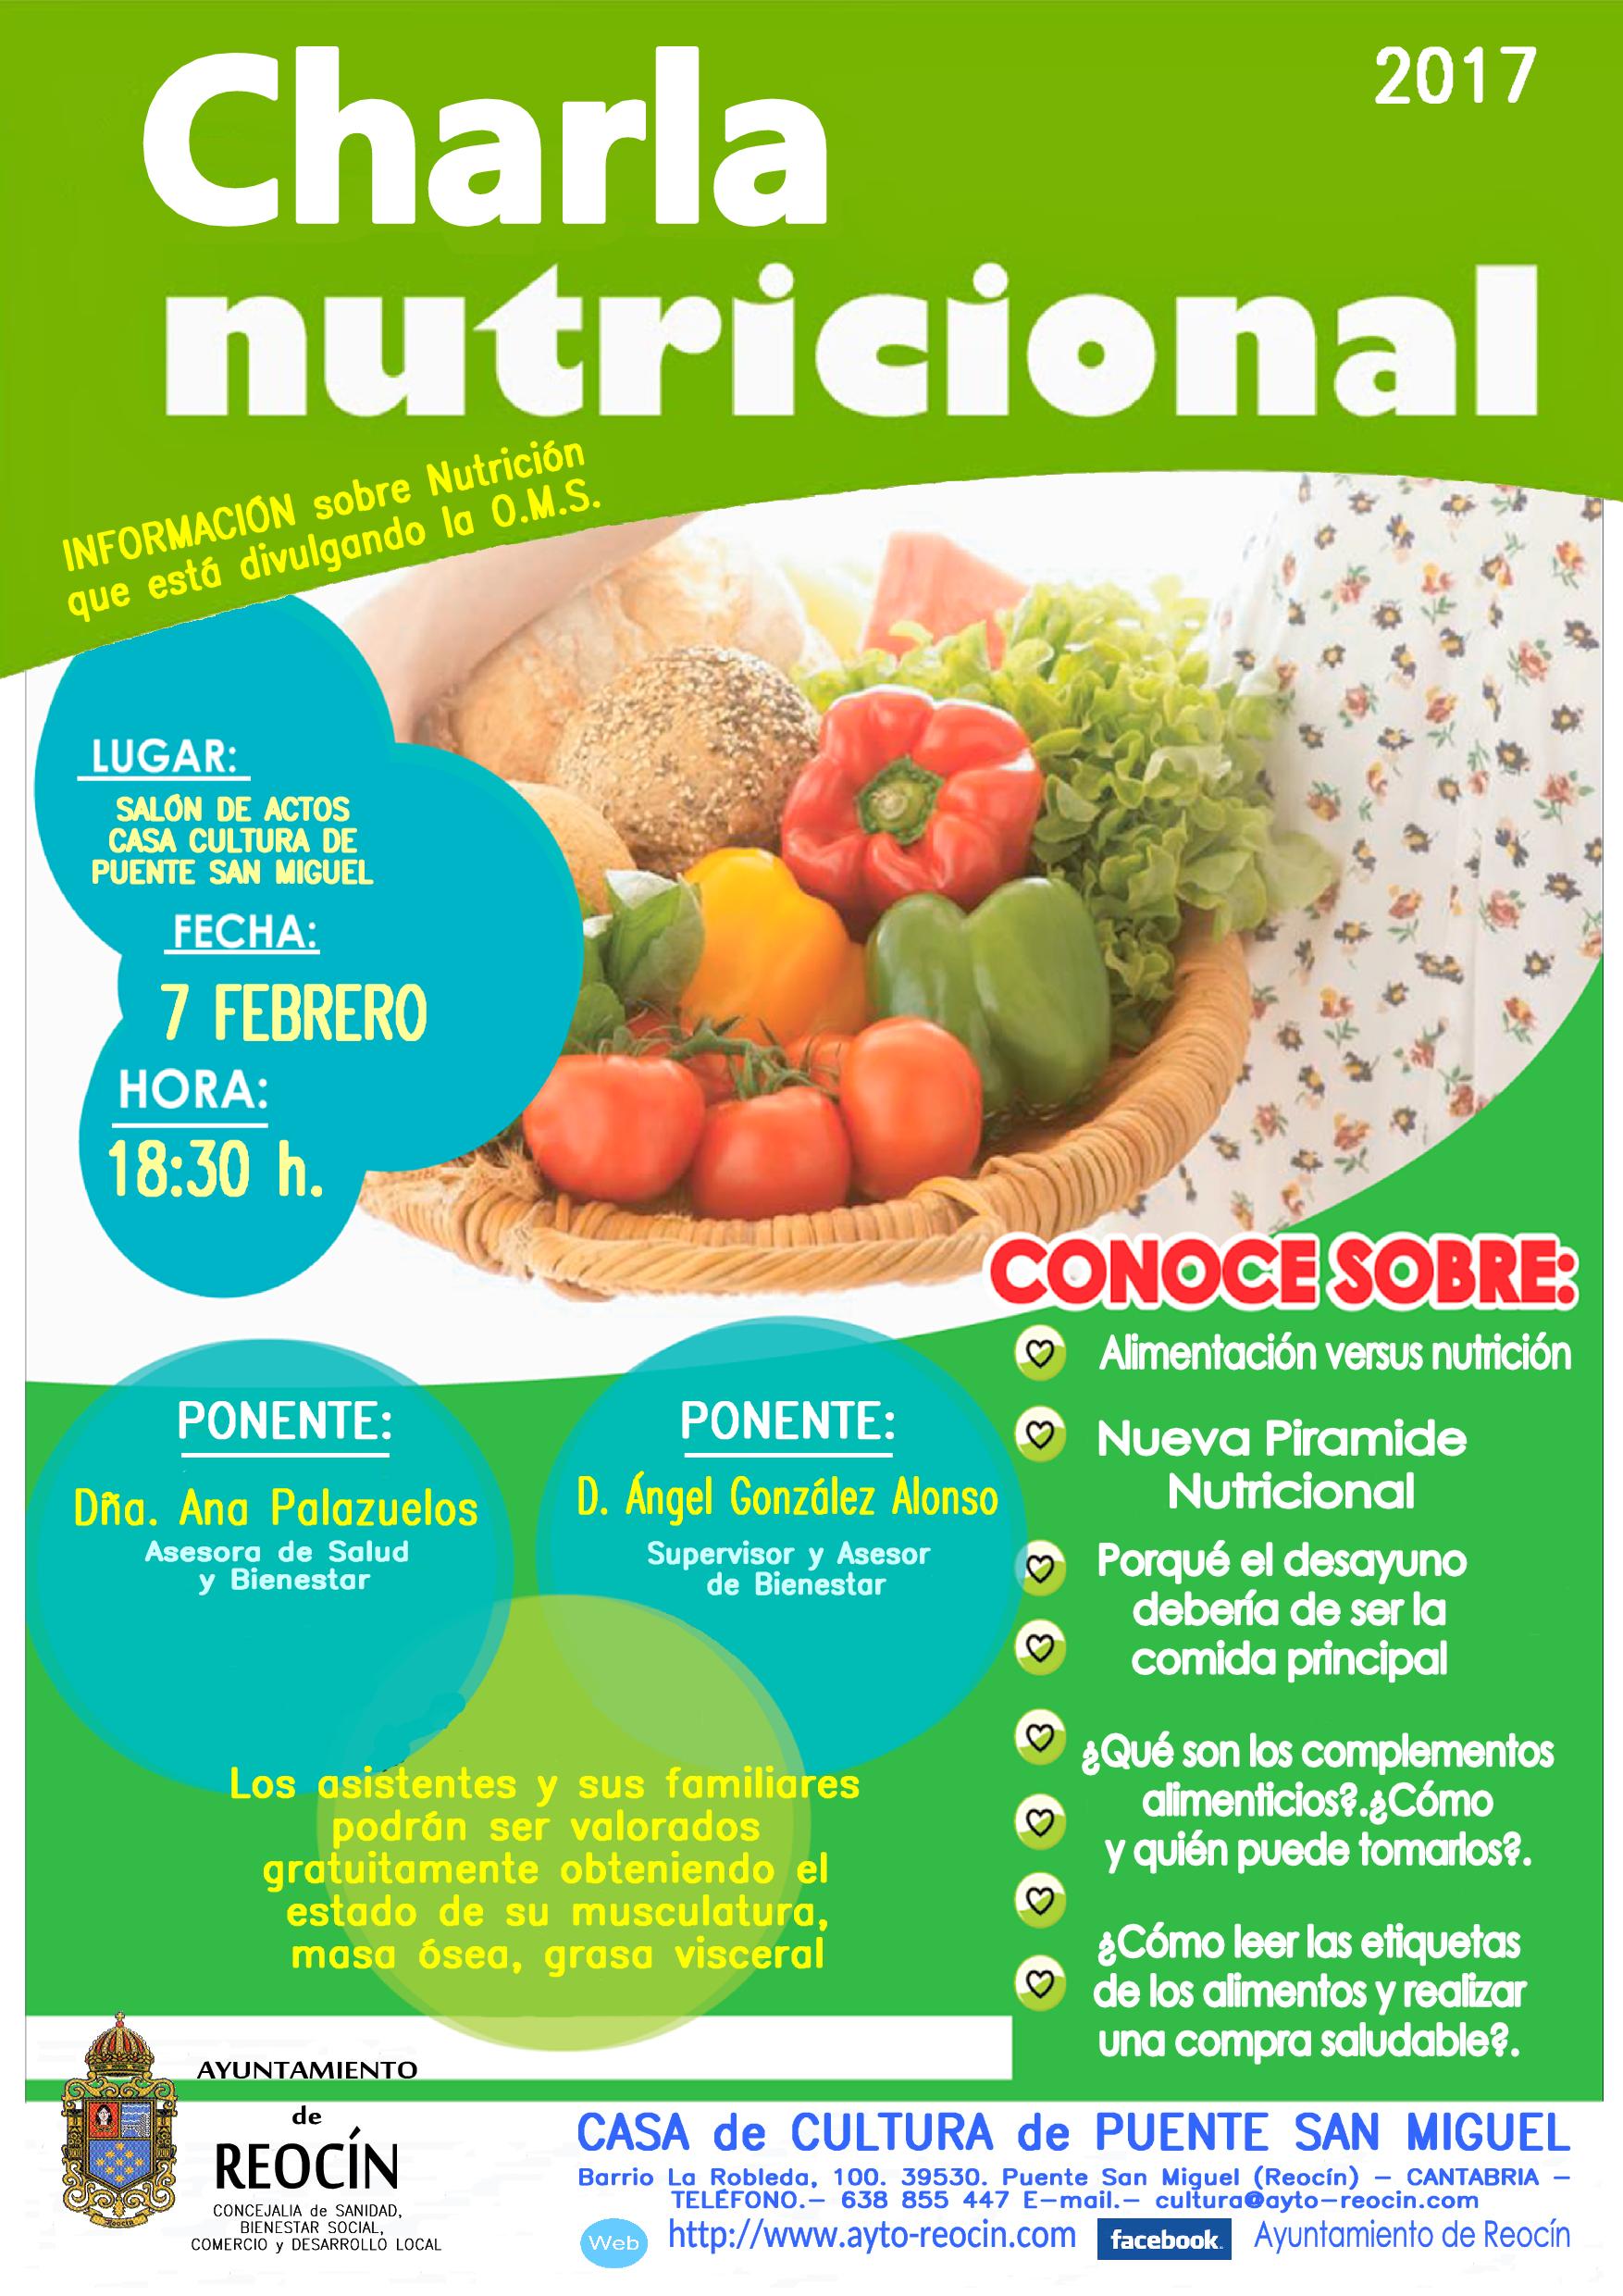 charla de salud sobre nutrición